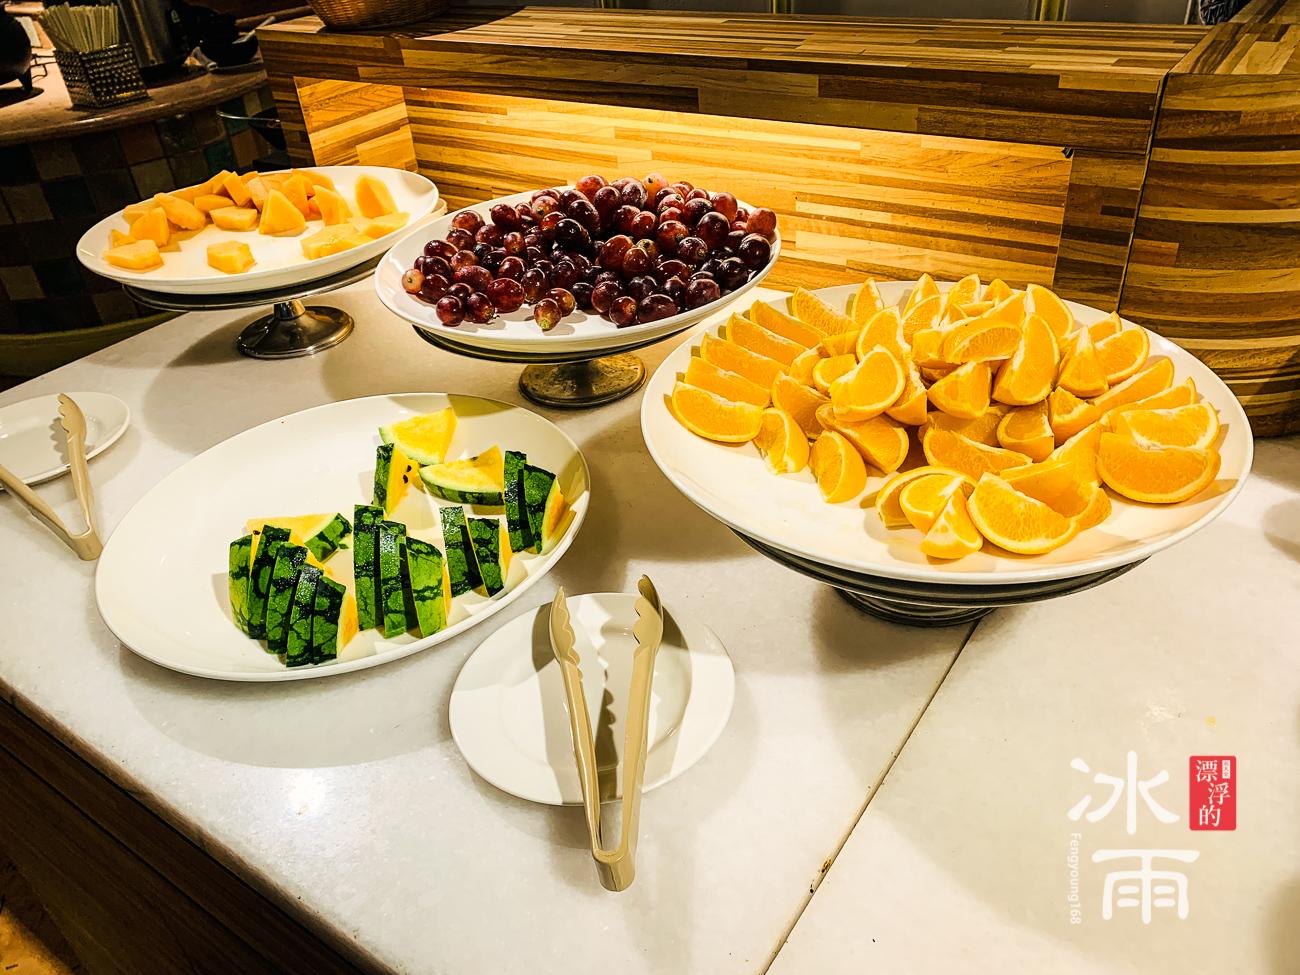 陽明山天籟溫泉會館|早餐菜色|咖啡奶茶